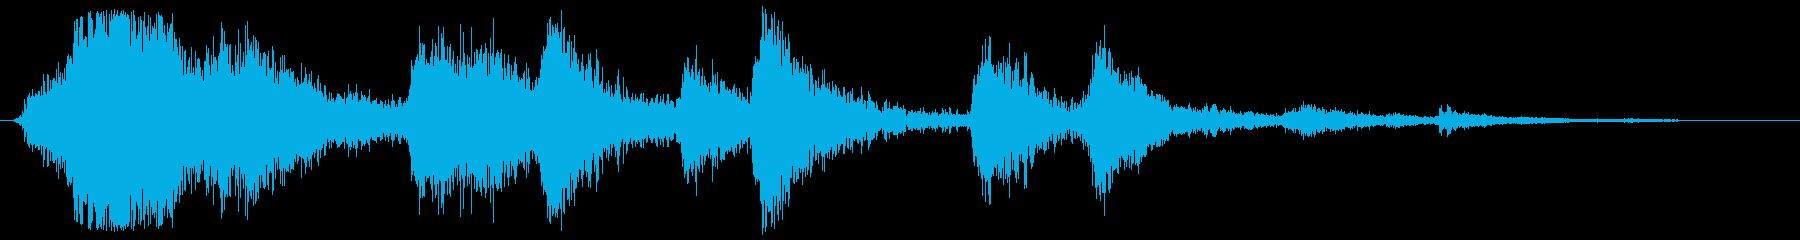 賽銭箱に硬貨を入れる チャン、チャリ×2の再生済みの波形